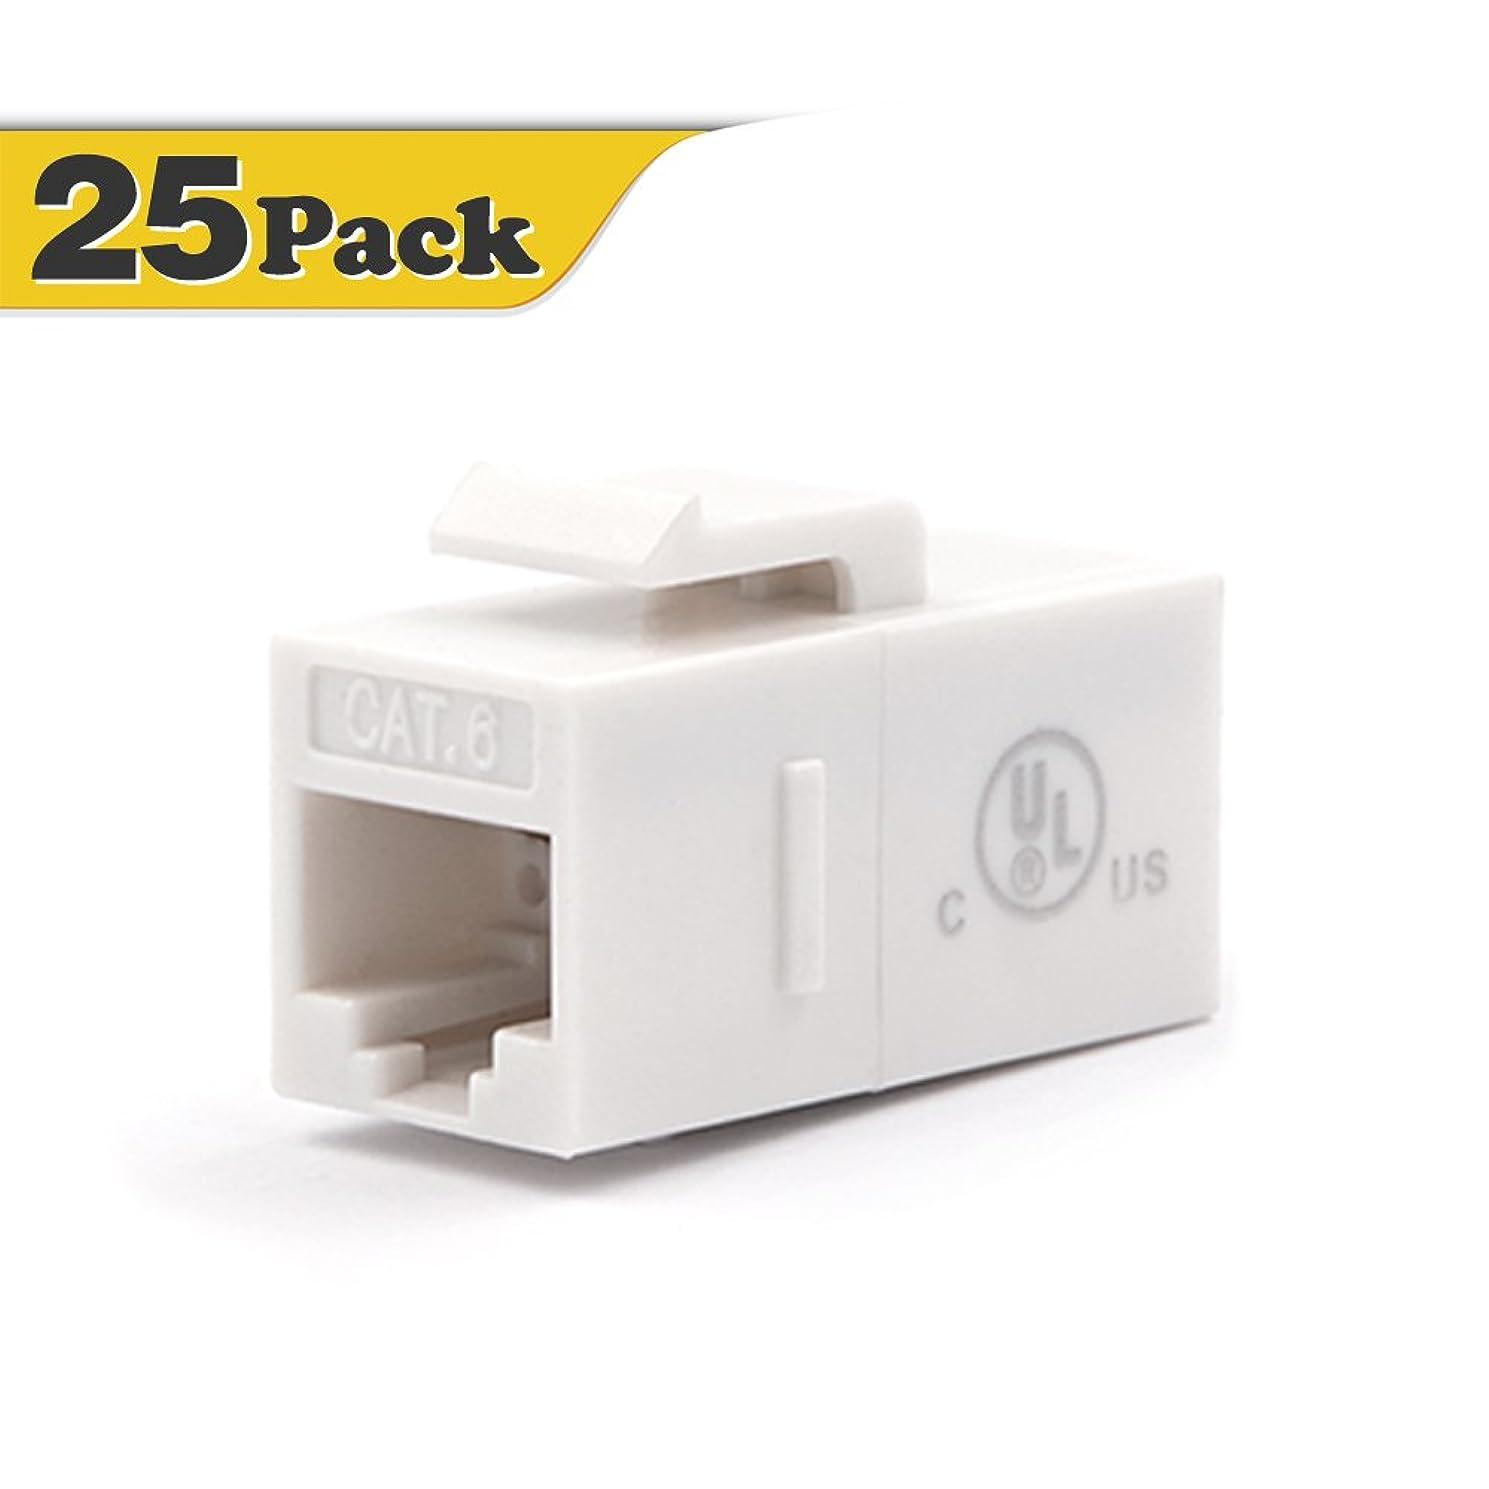 [UL Listed] VCE (25-Pack) UTP CAT6 Keystone Coupler,RJ45 Female to Female Insert Coupler, UTP CAT6 Keystone Inline Coupler